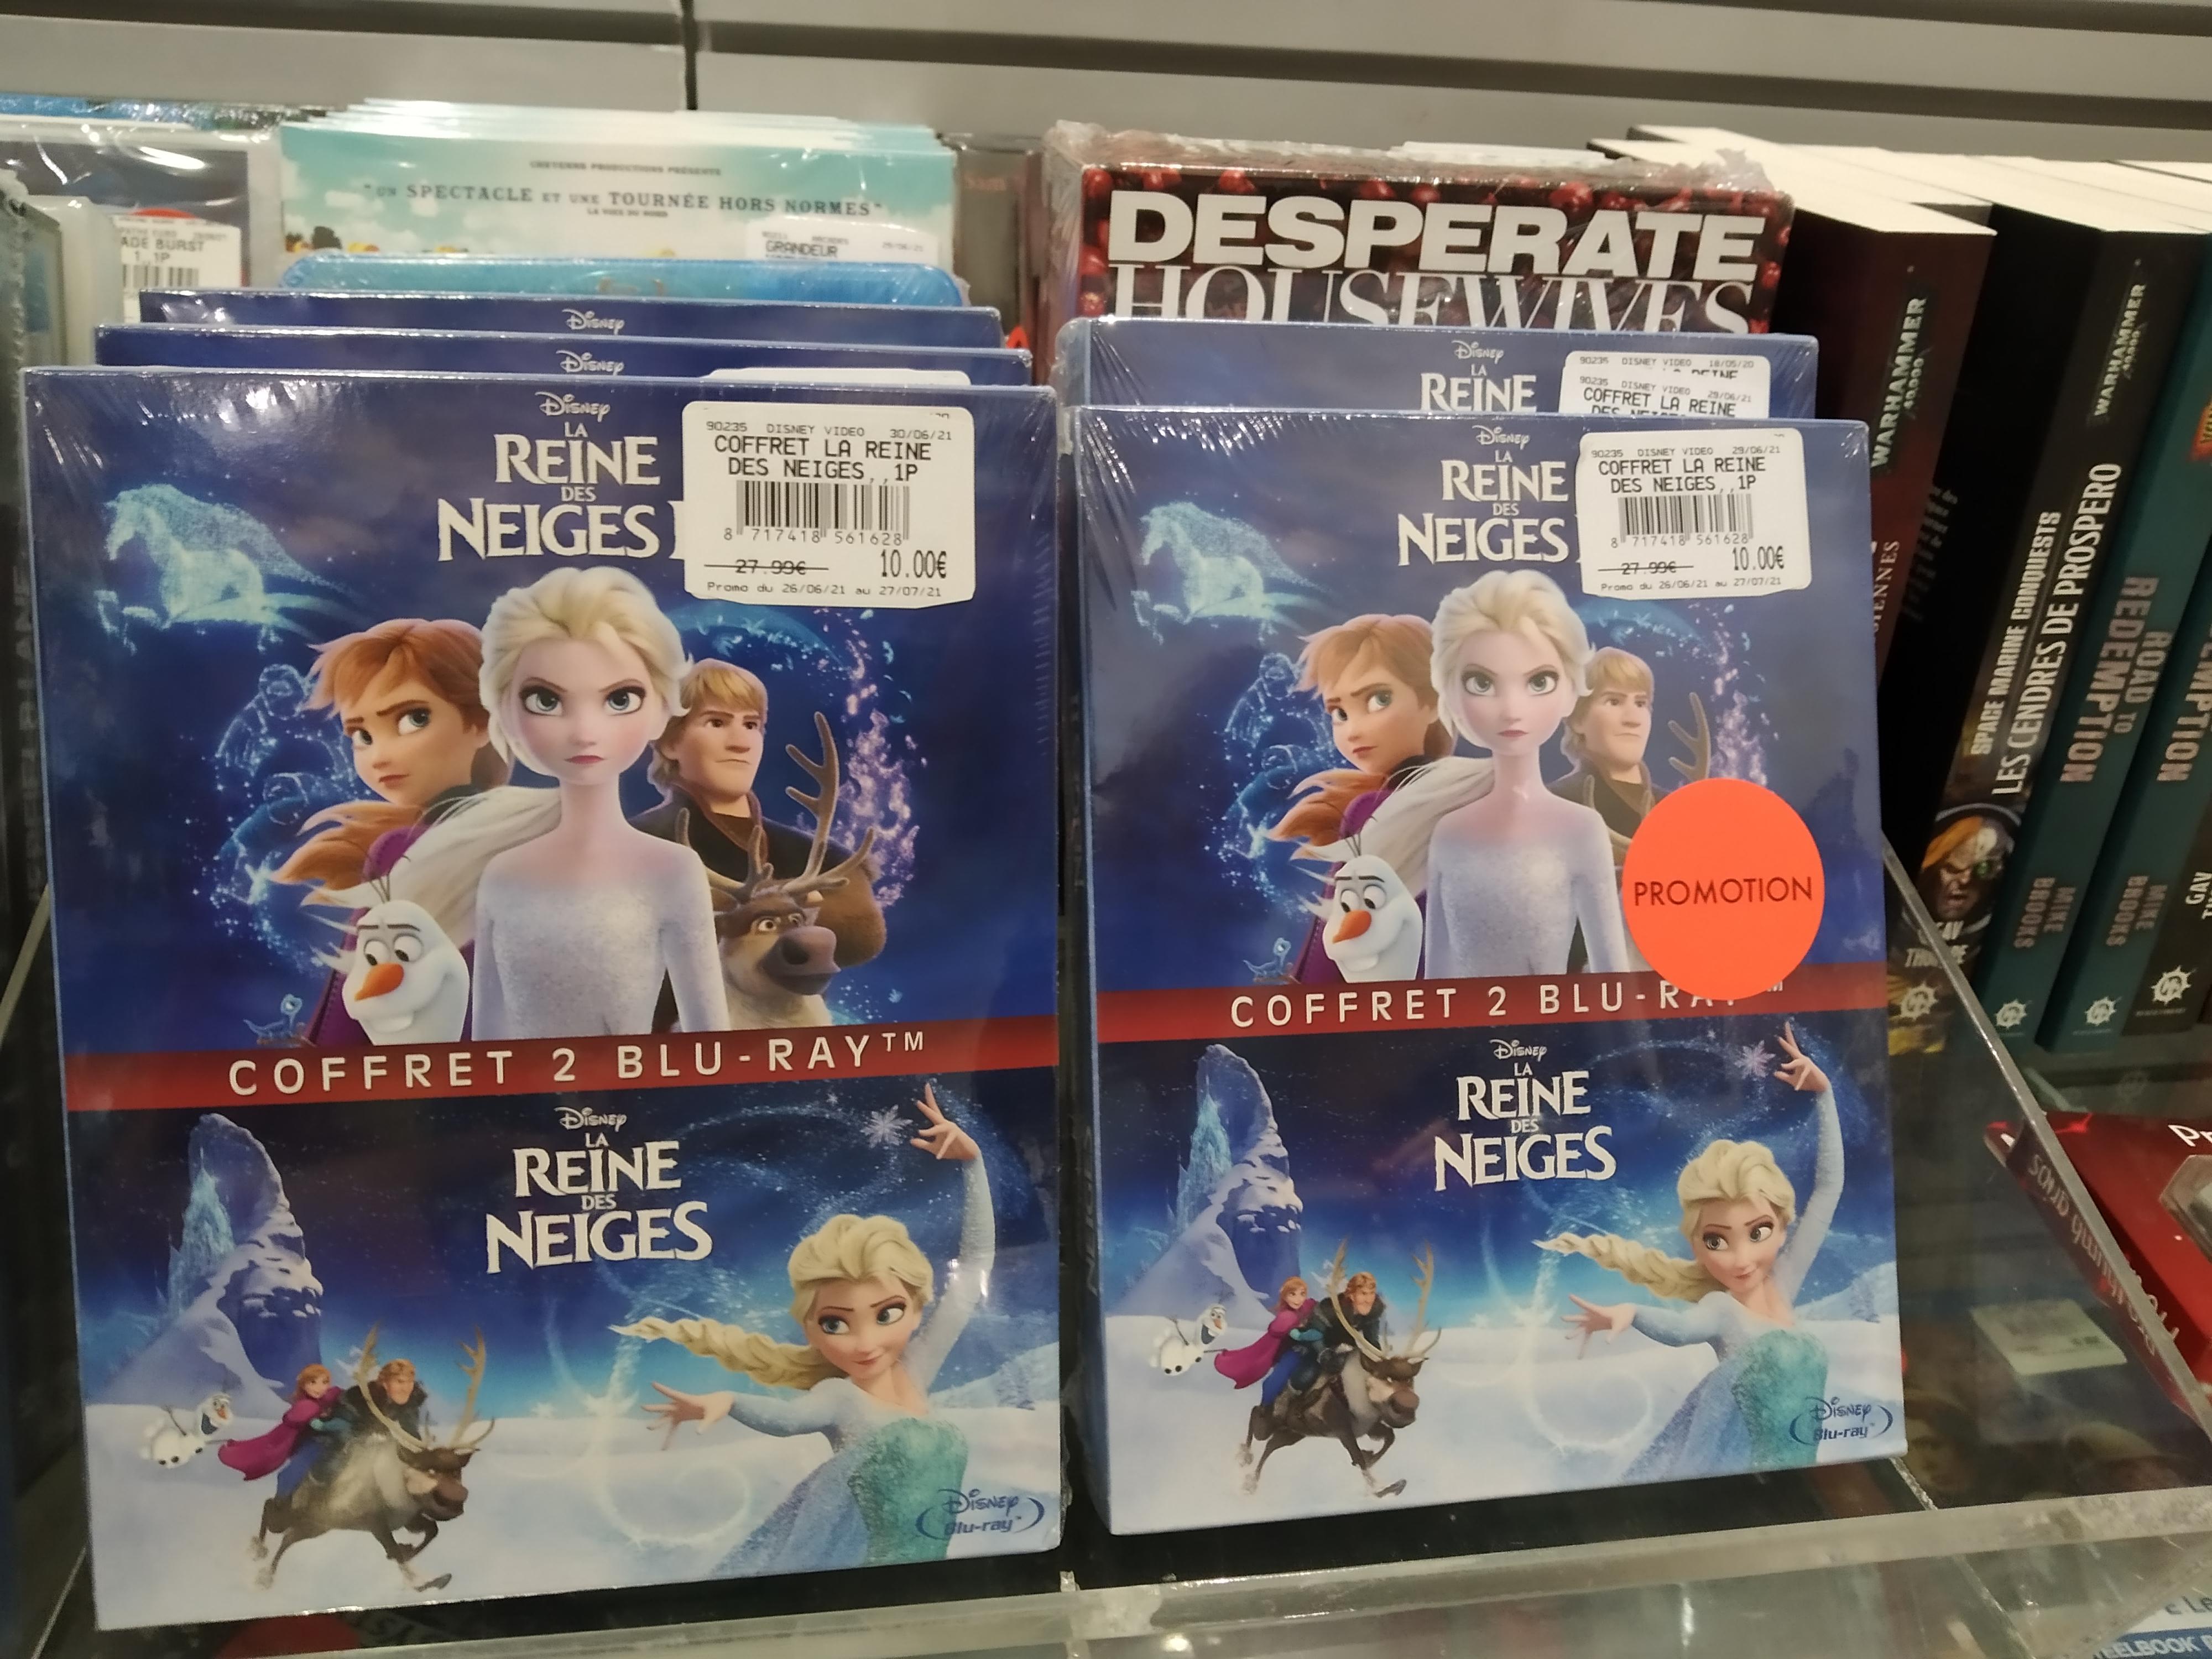 Coffret Blu-ray la reine des neiges 1 et 2 - Leclerc Clermont Ferrand la Pardieu (63)